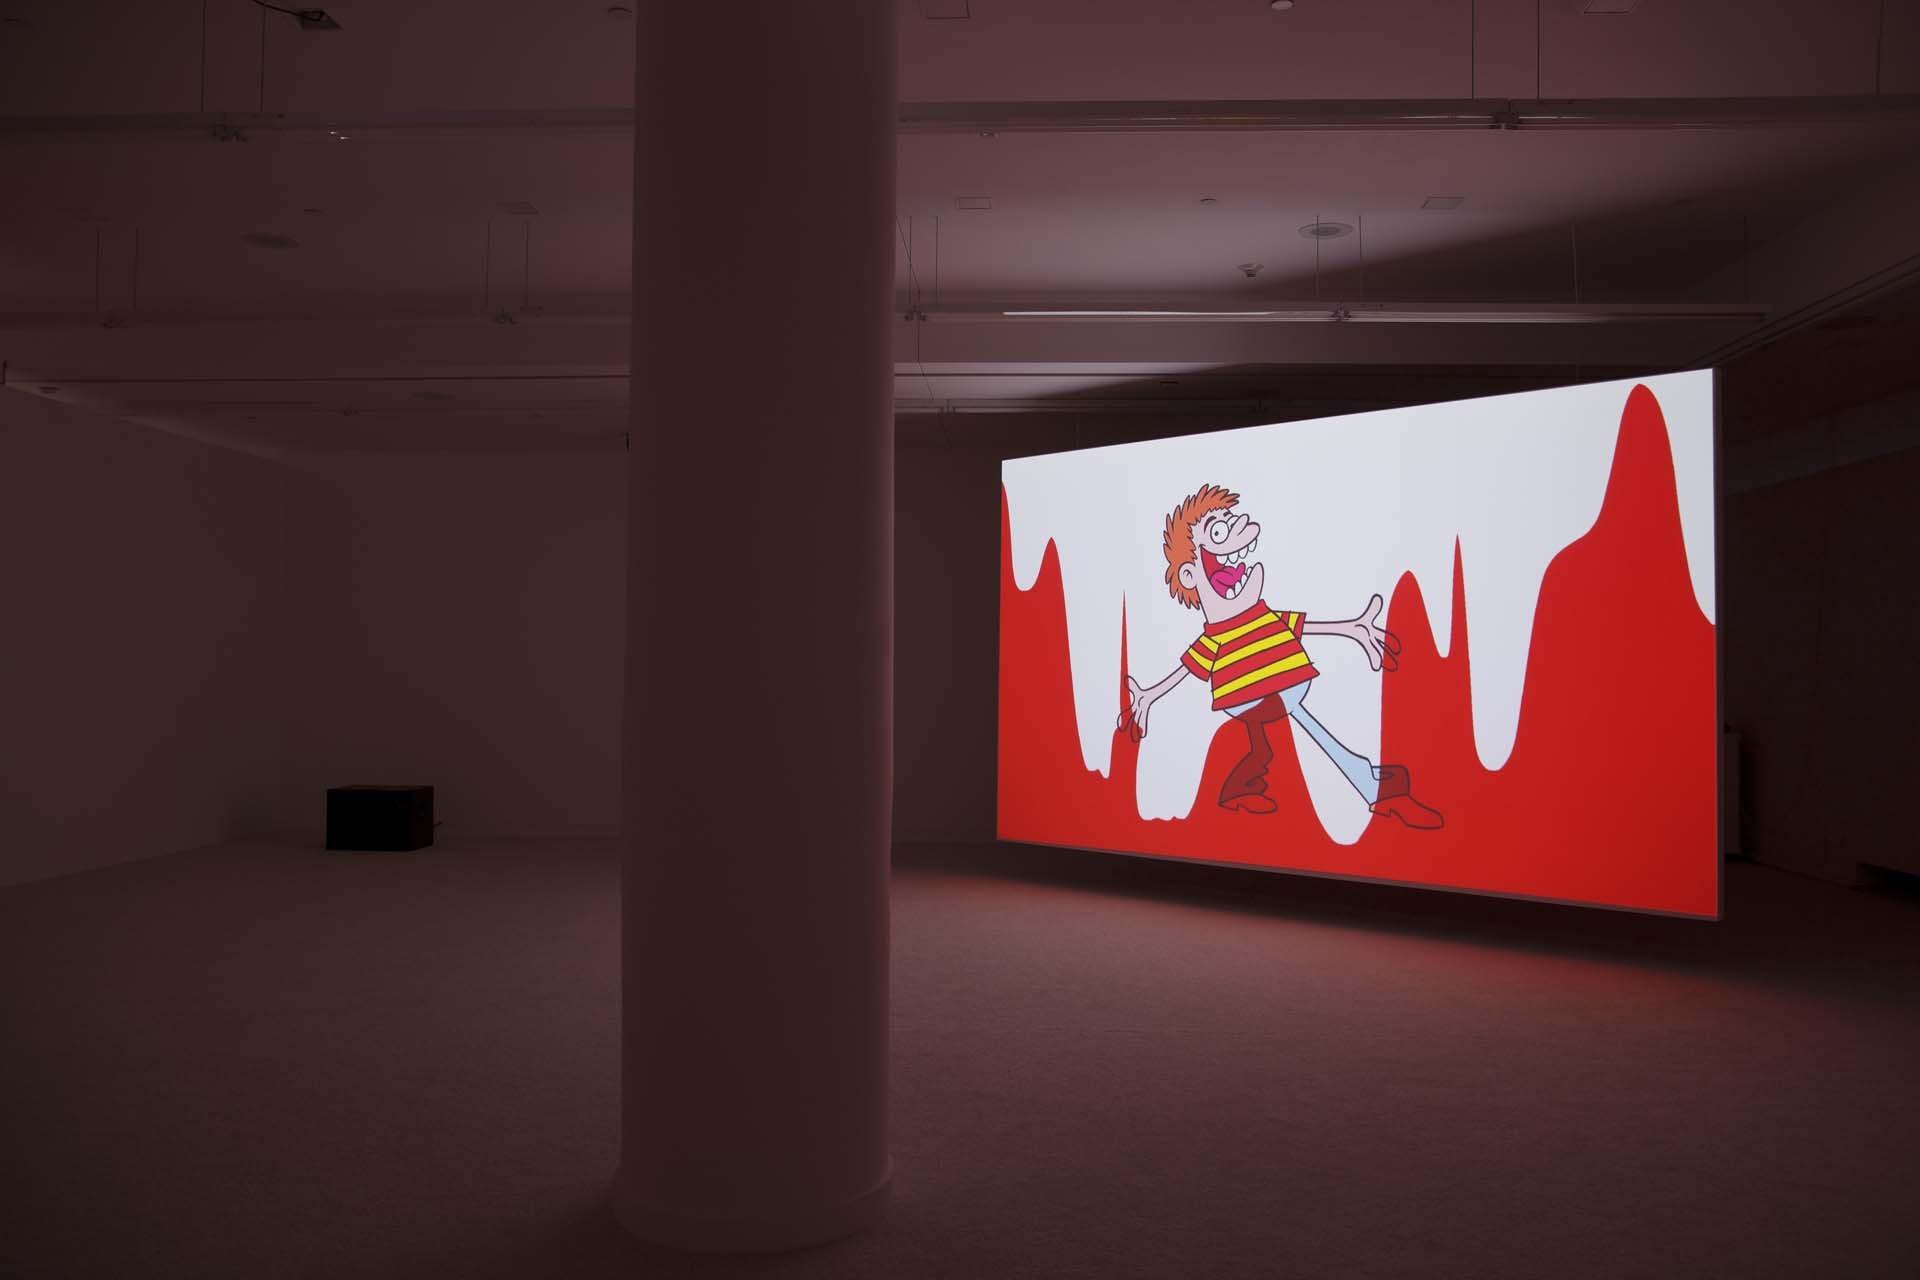 """<div class=""""title""""><em>Raspberry Poser</em>, 2012 (installation view)</div><div class=""""medium"""">digital video with CGI and hand drawn animation</div><div class=""""dimensions"""">duration 13 min, 55 sec</div>"""